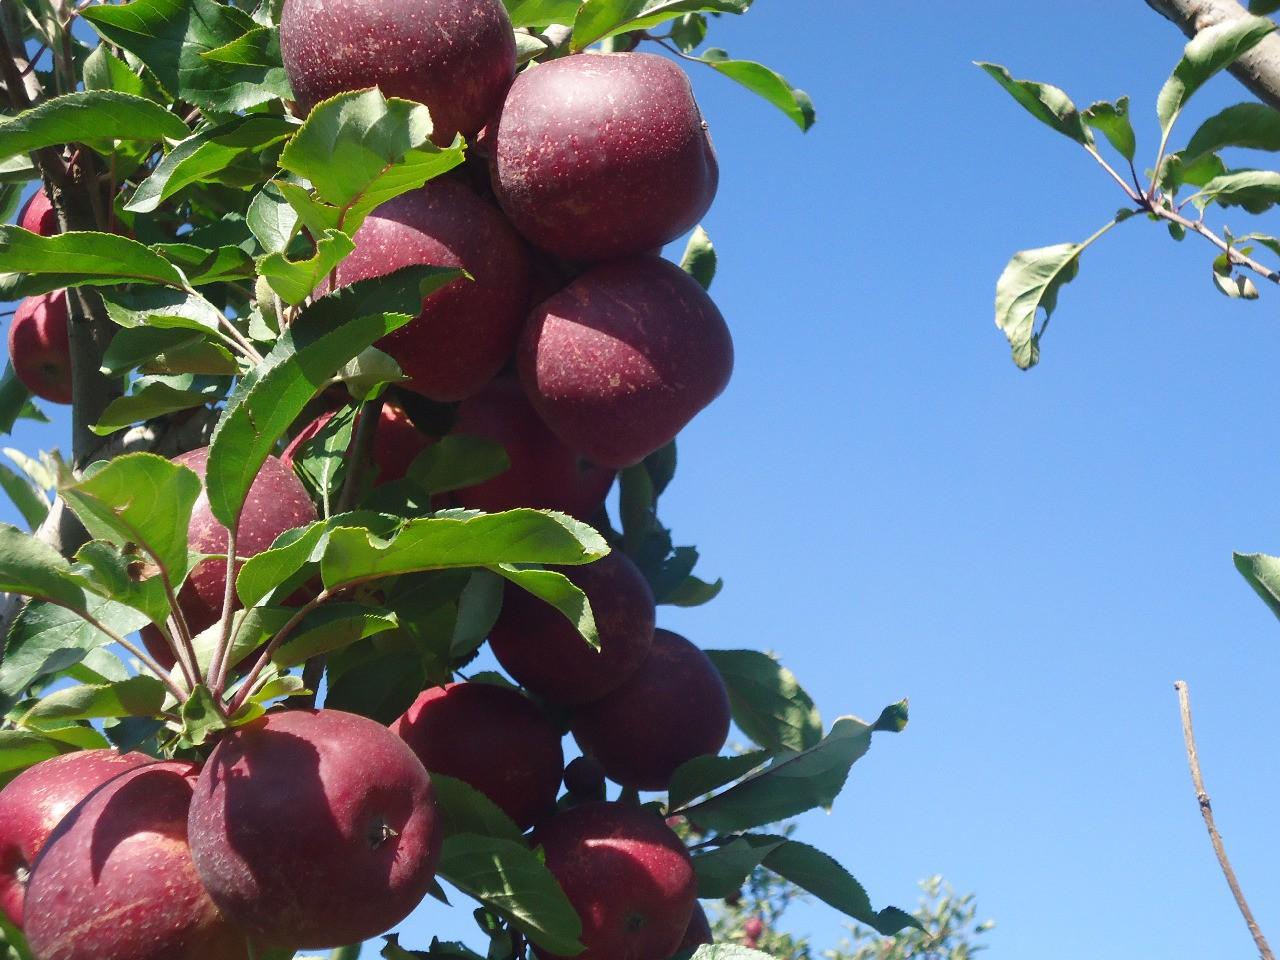 Produtores torcem para frio continuar e garantir boa produção de maçãs na Serra catarinense - Notícias - Plantão Diário